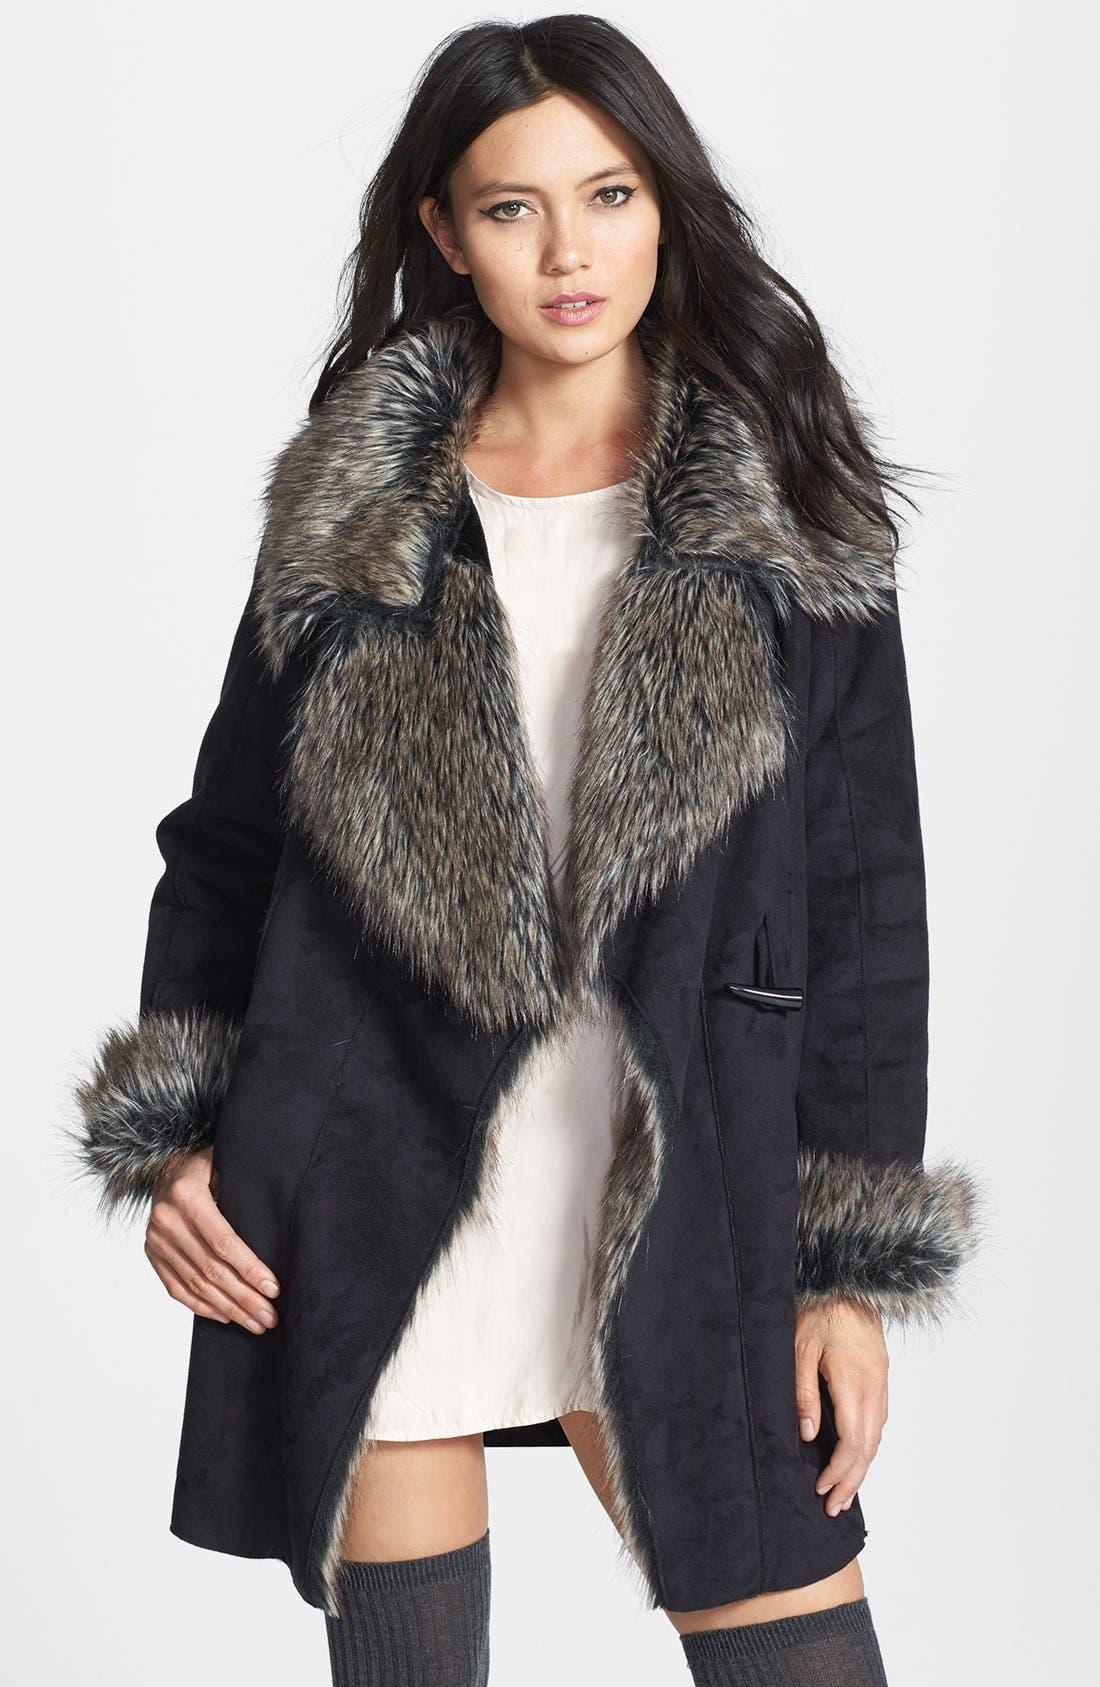 Main Image - Romeo & Juliet Couture Faux Fur Trim Faux Suede Jacket